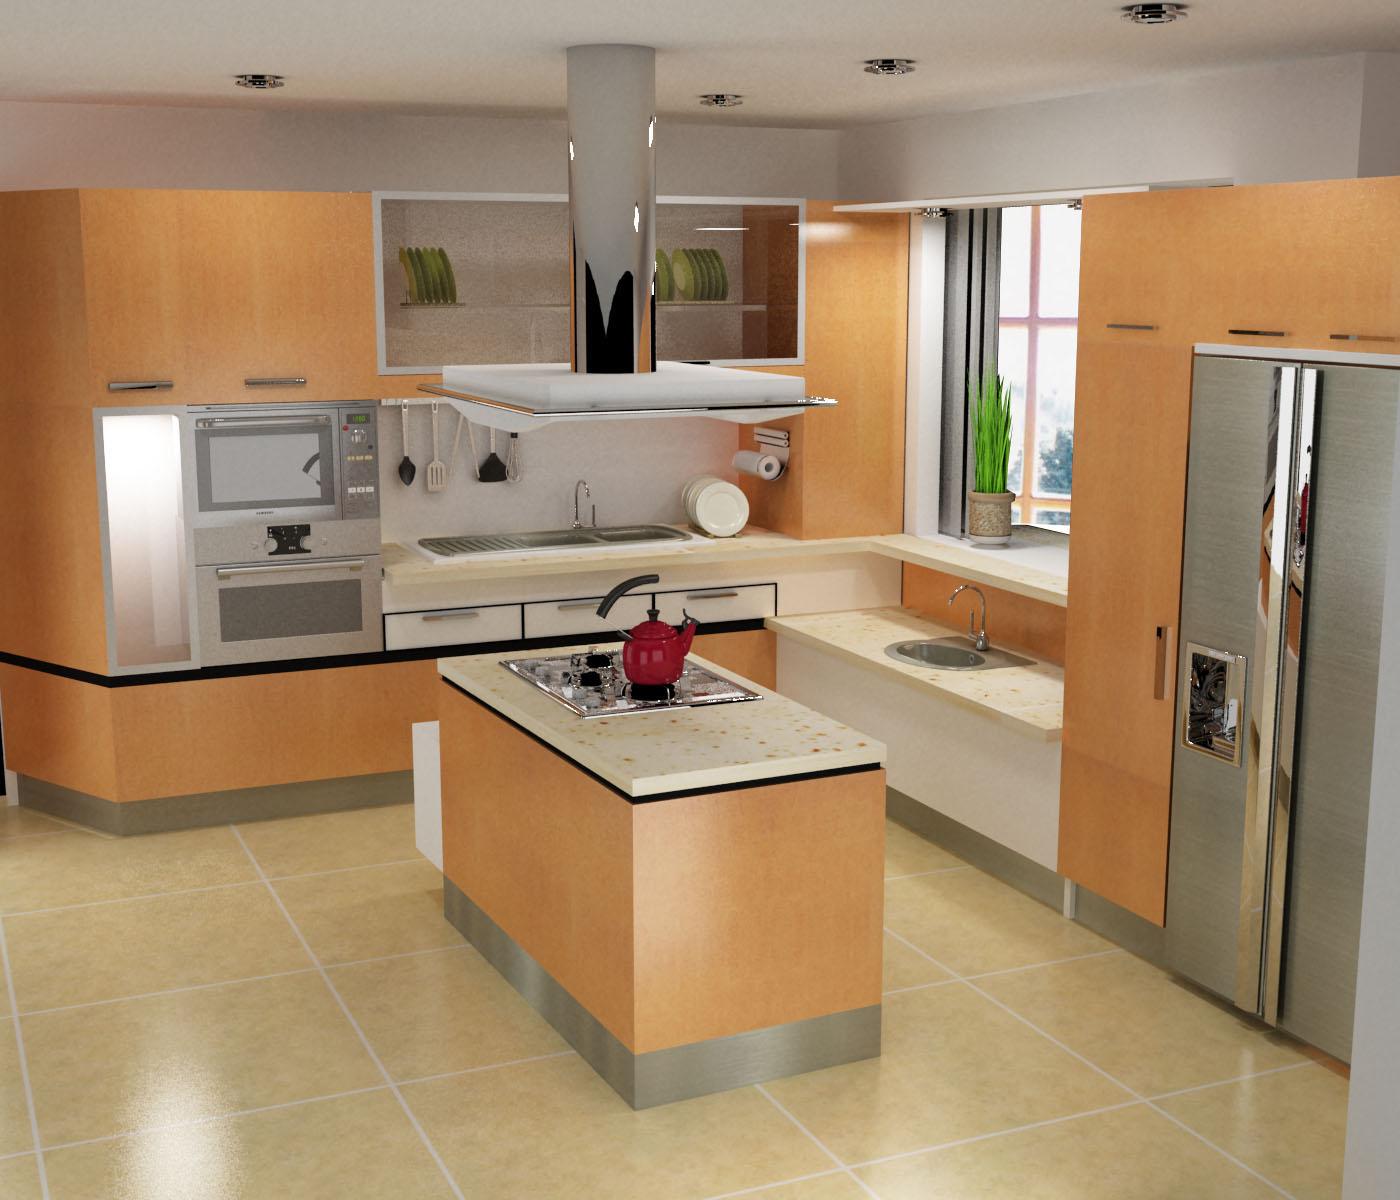 Juegos de decorar cocina - Decorar cocina comedor ...